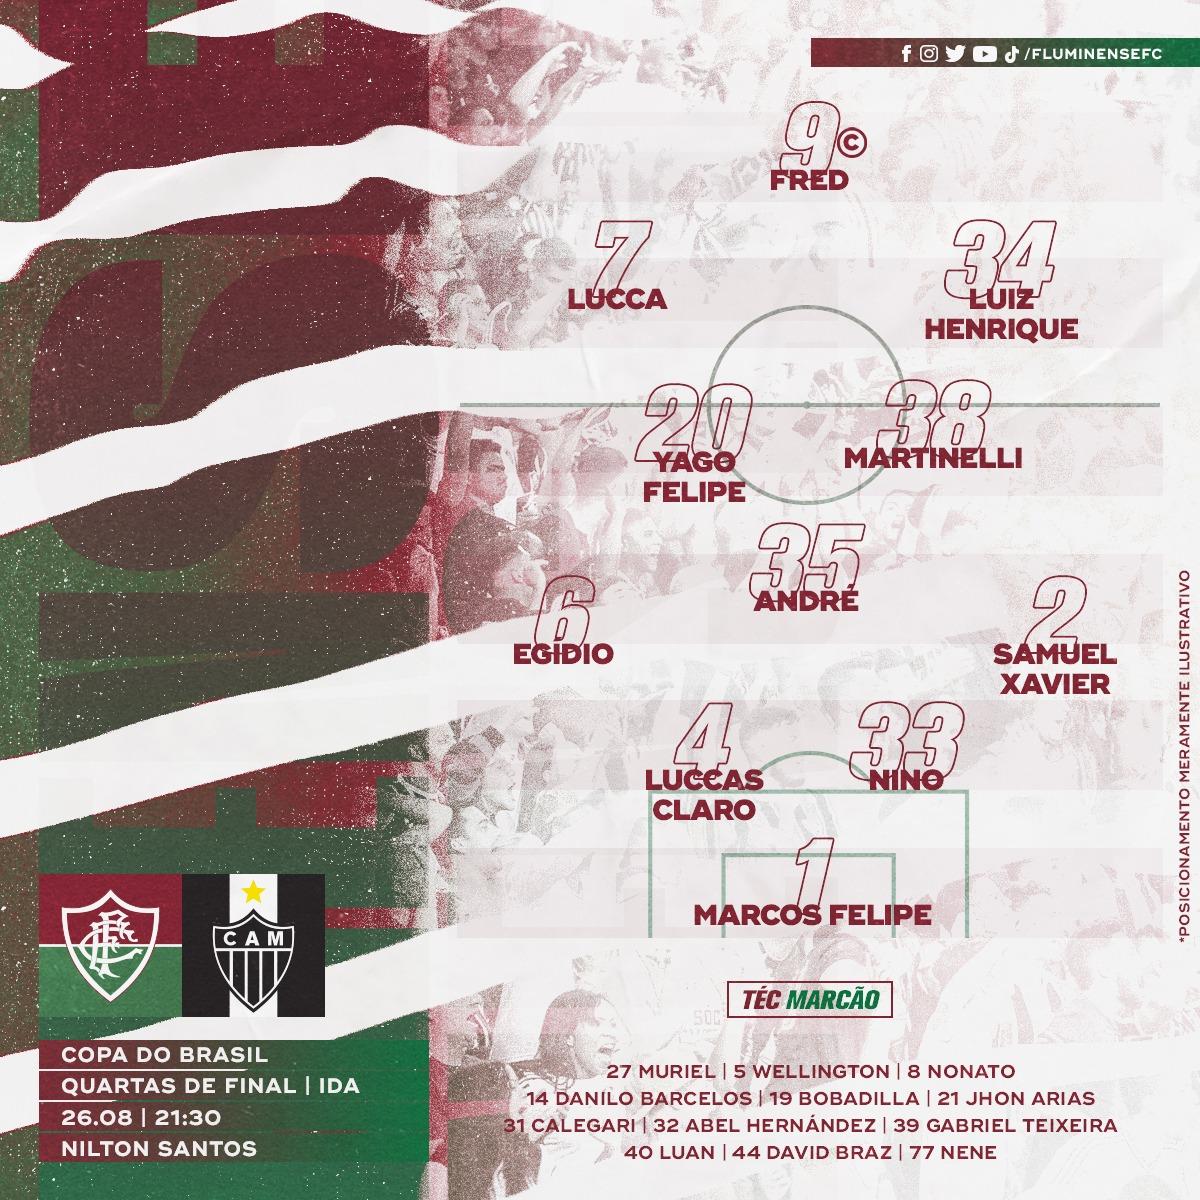 Fluminense escalado para pegar o Atlético-MG pelas quartas de final da Copa do Brasil